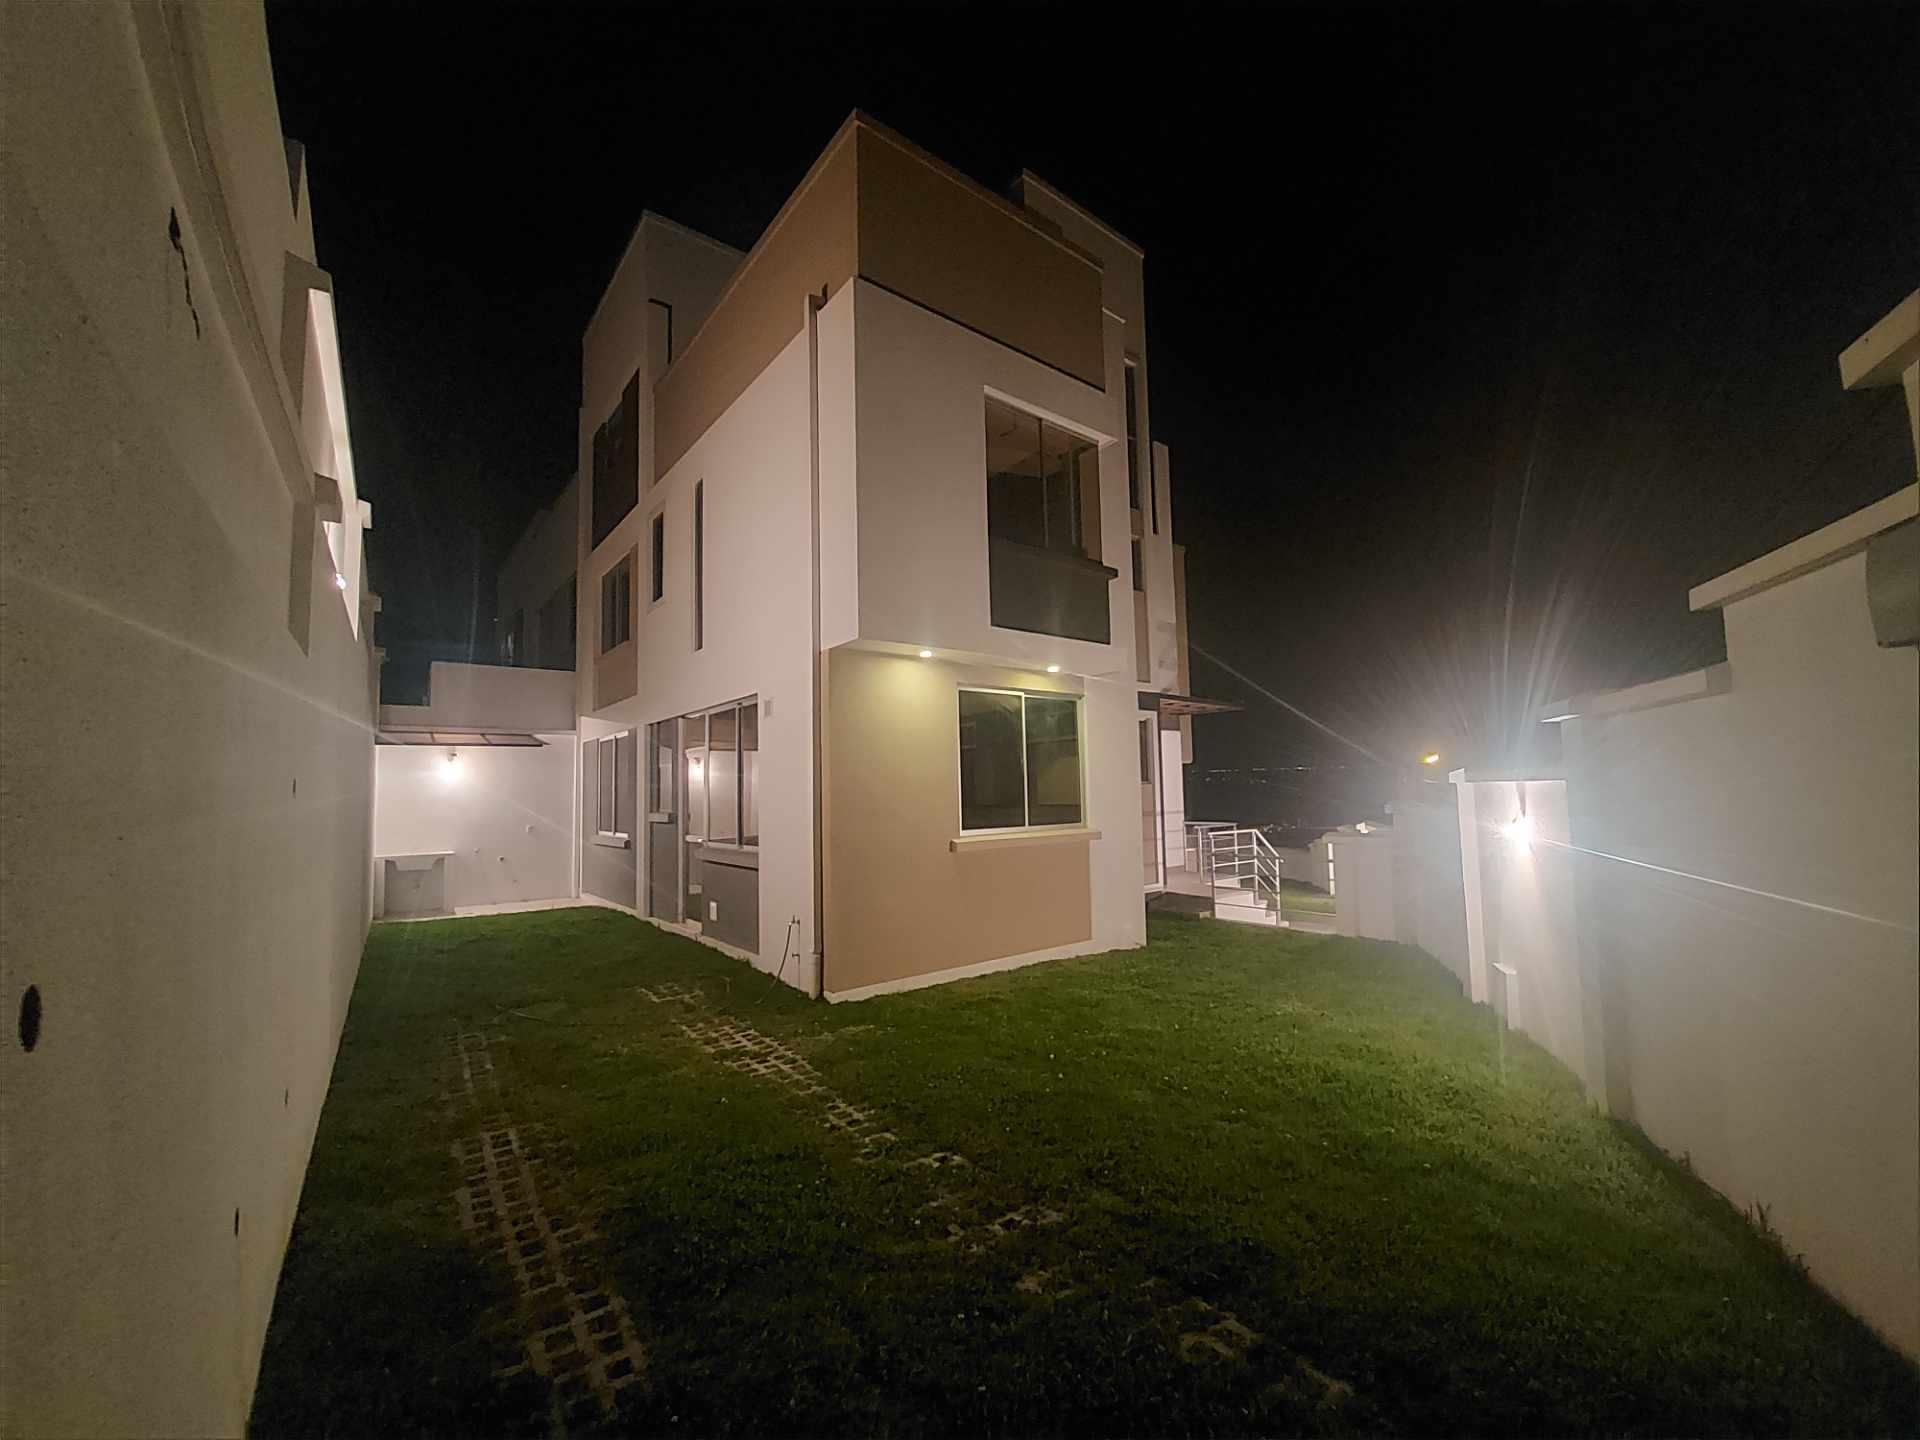 Casa en Venta ACHUMANI HERMOSA CASA NUEVA EN ESQUINA Foto 7